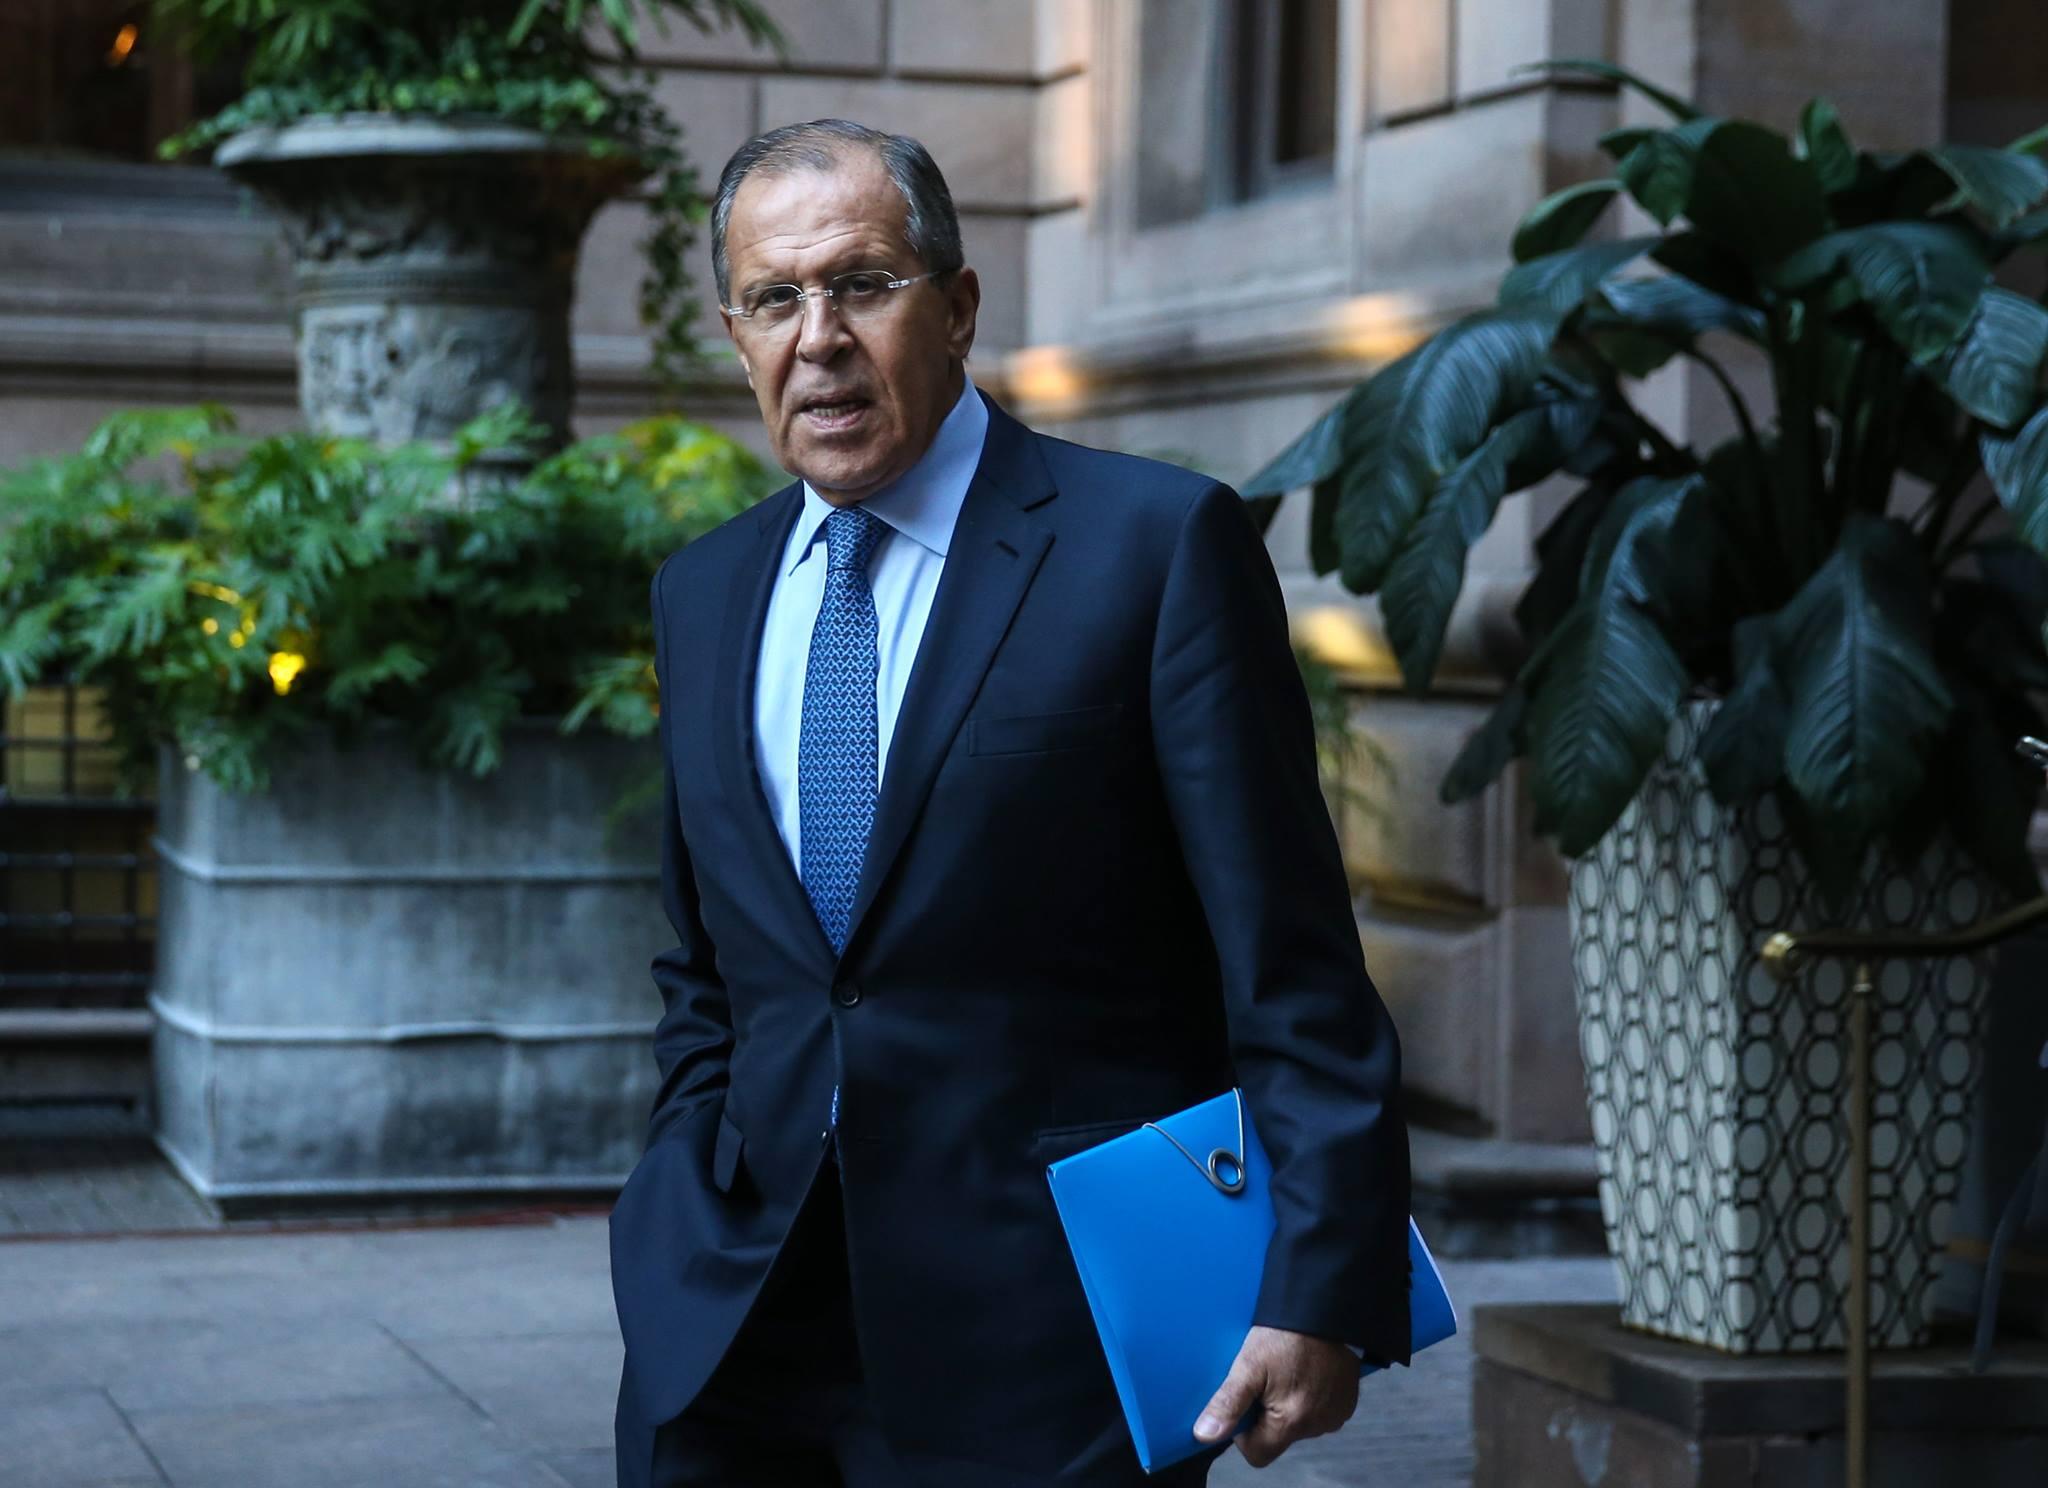 Παραστατικός Λαβρόφ: Η αντιπαράθεση ΗΠΑ – Ρωσίας έπιασε πάτο